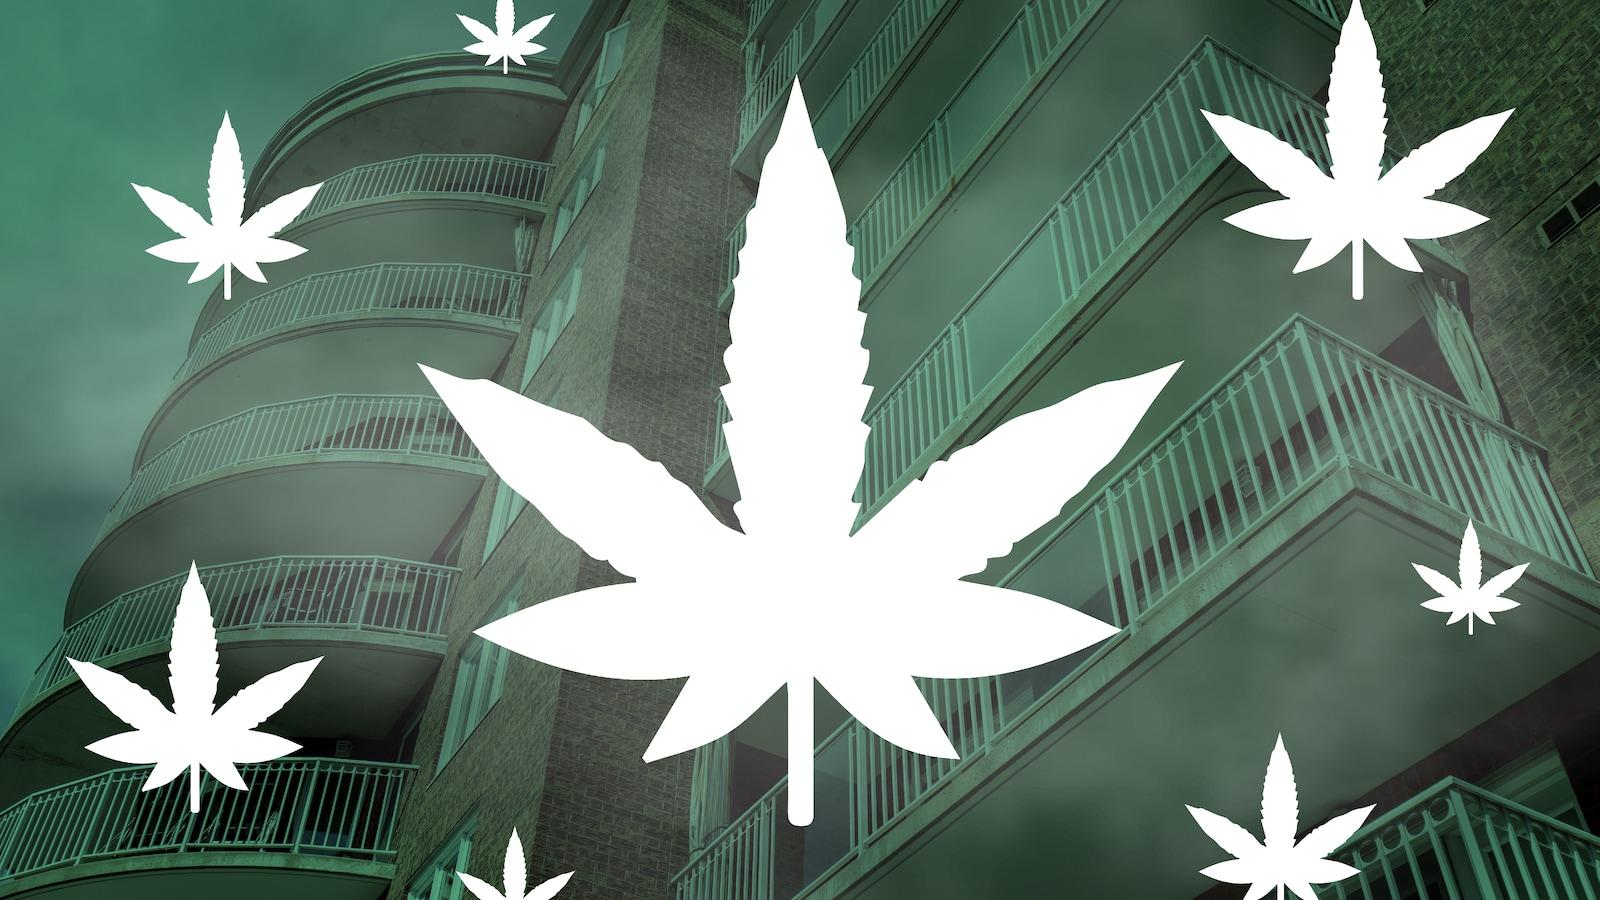 Superposition de feuilles de cannabis et d'une photo d'un immeuble à condos.